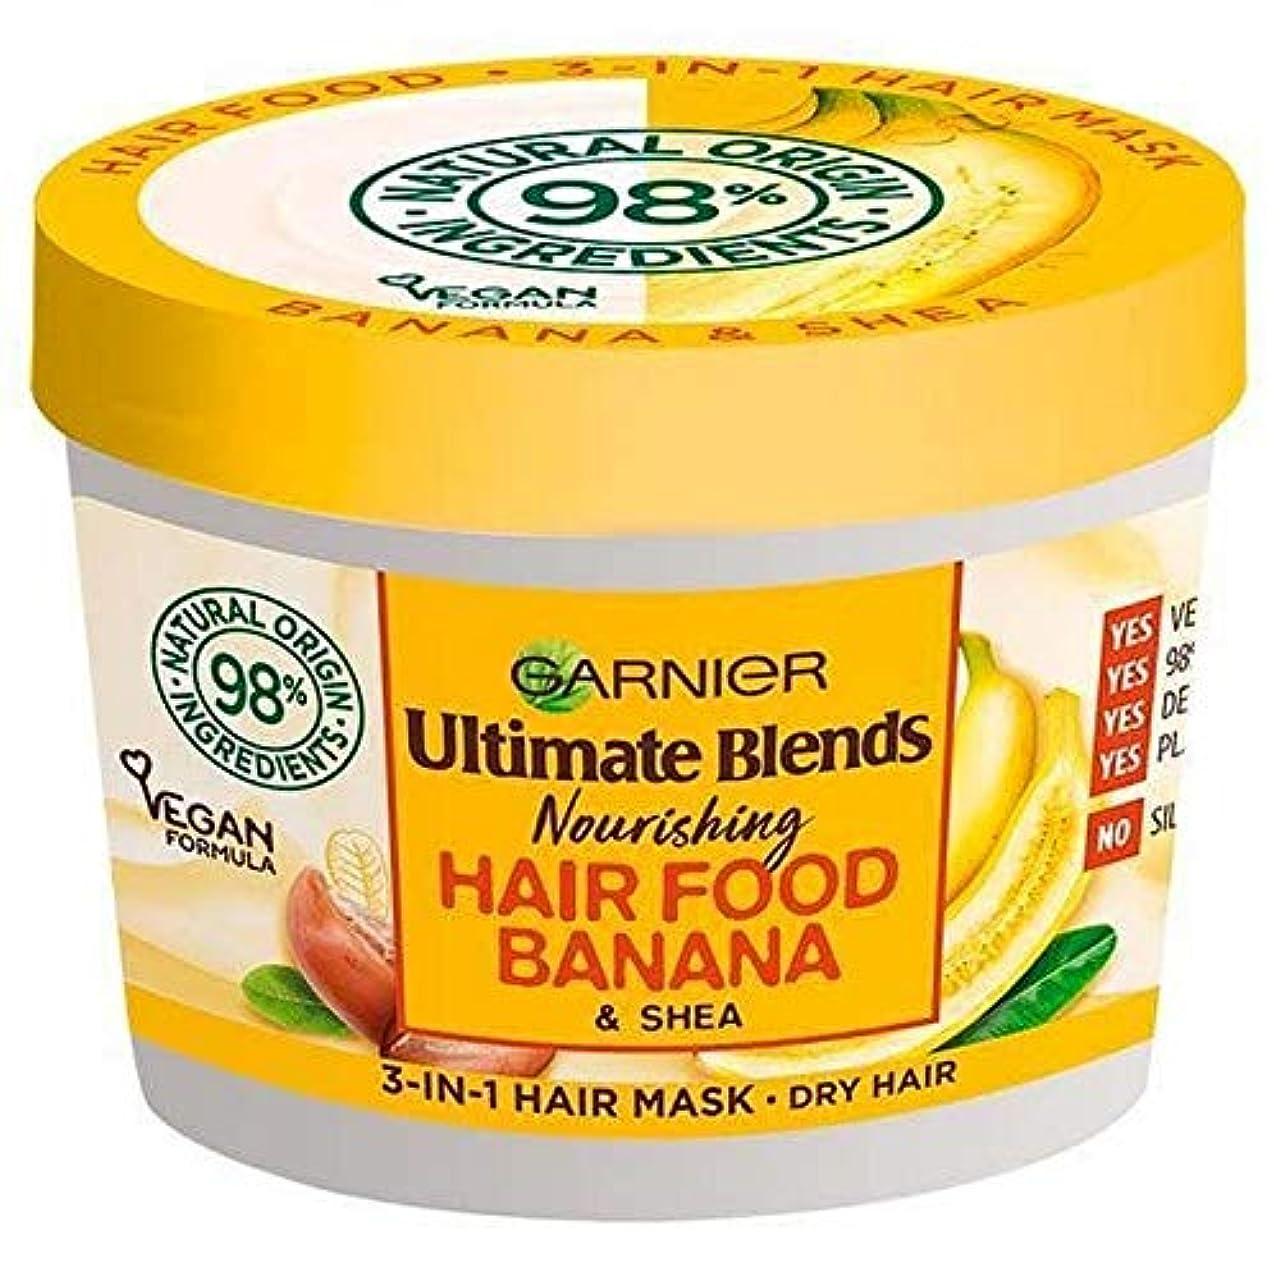 移植信頼大脳[Garnier ] ガルニエ究極は1つのマスク390ミリリットルでヘア食品バナナ3をブレンド - Garnier Ultimate Blends Hair Food Banana 3 in 1 Mask 390ml [...